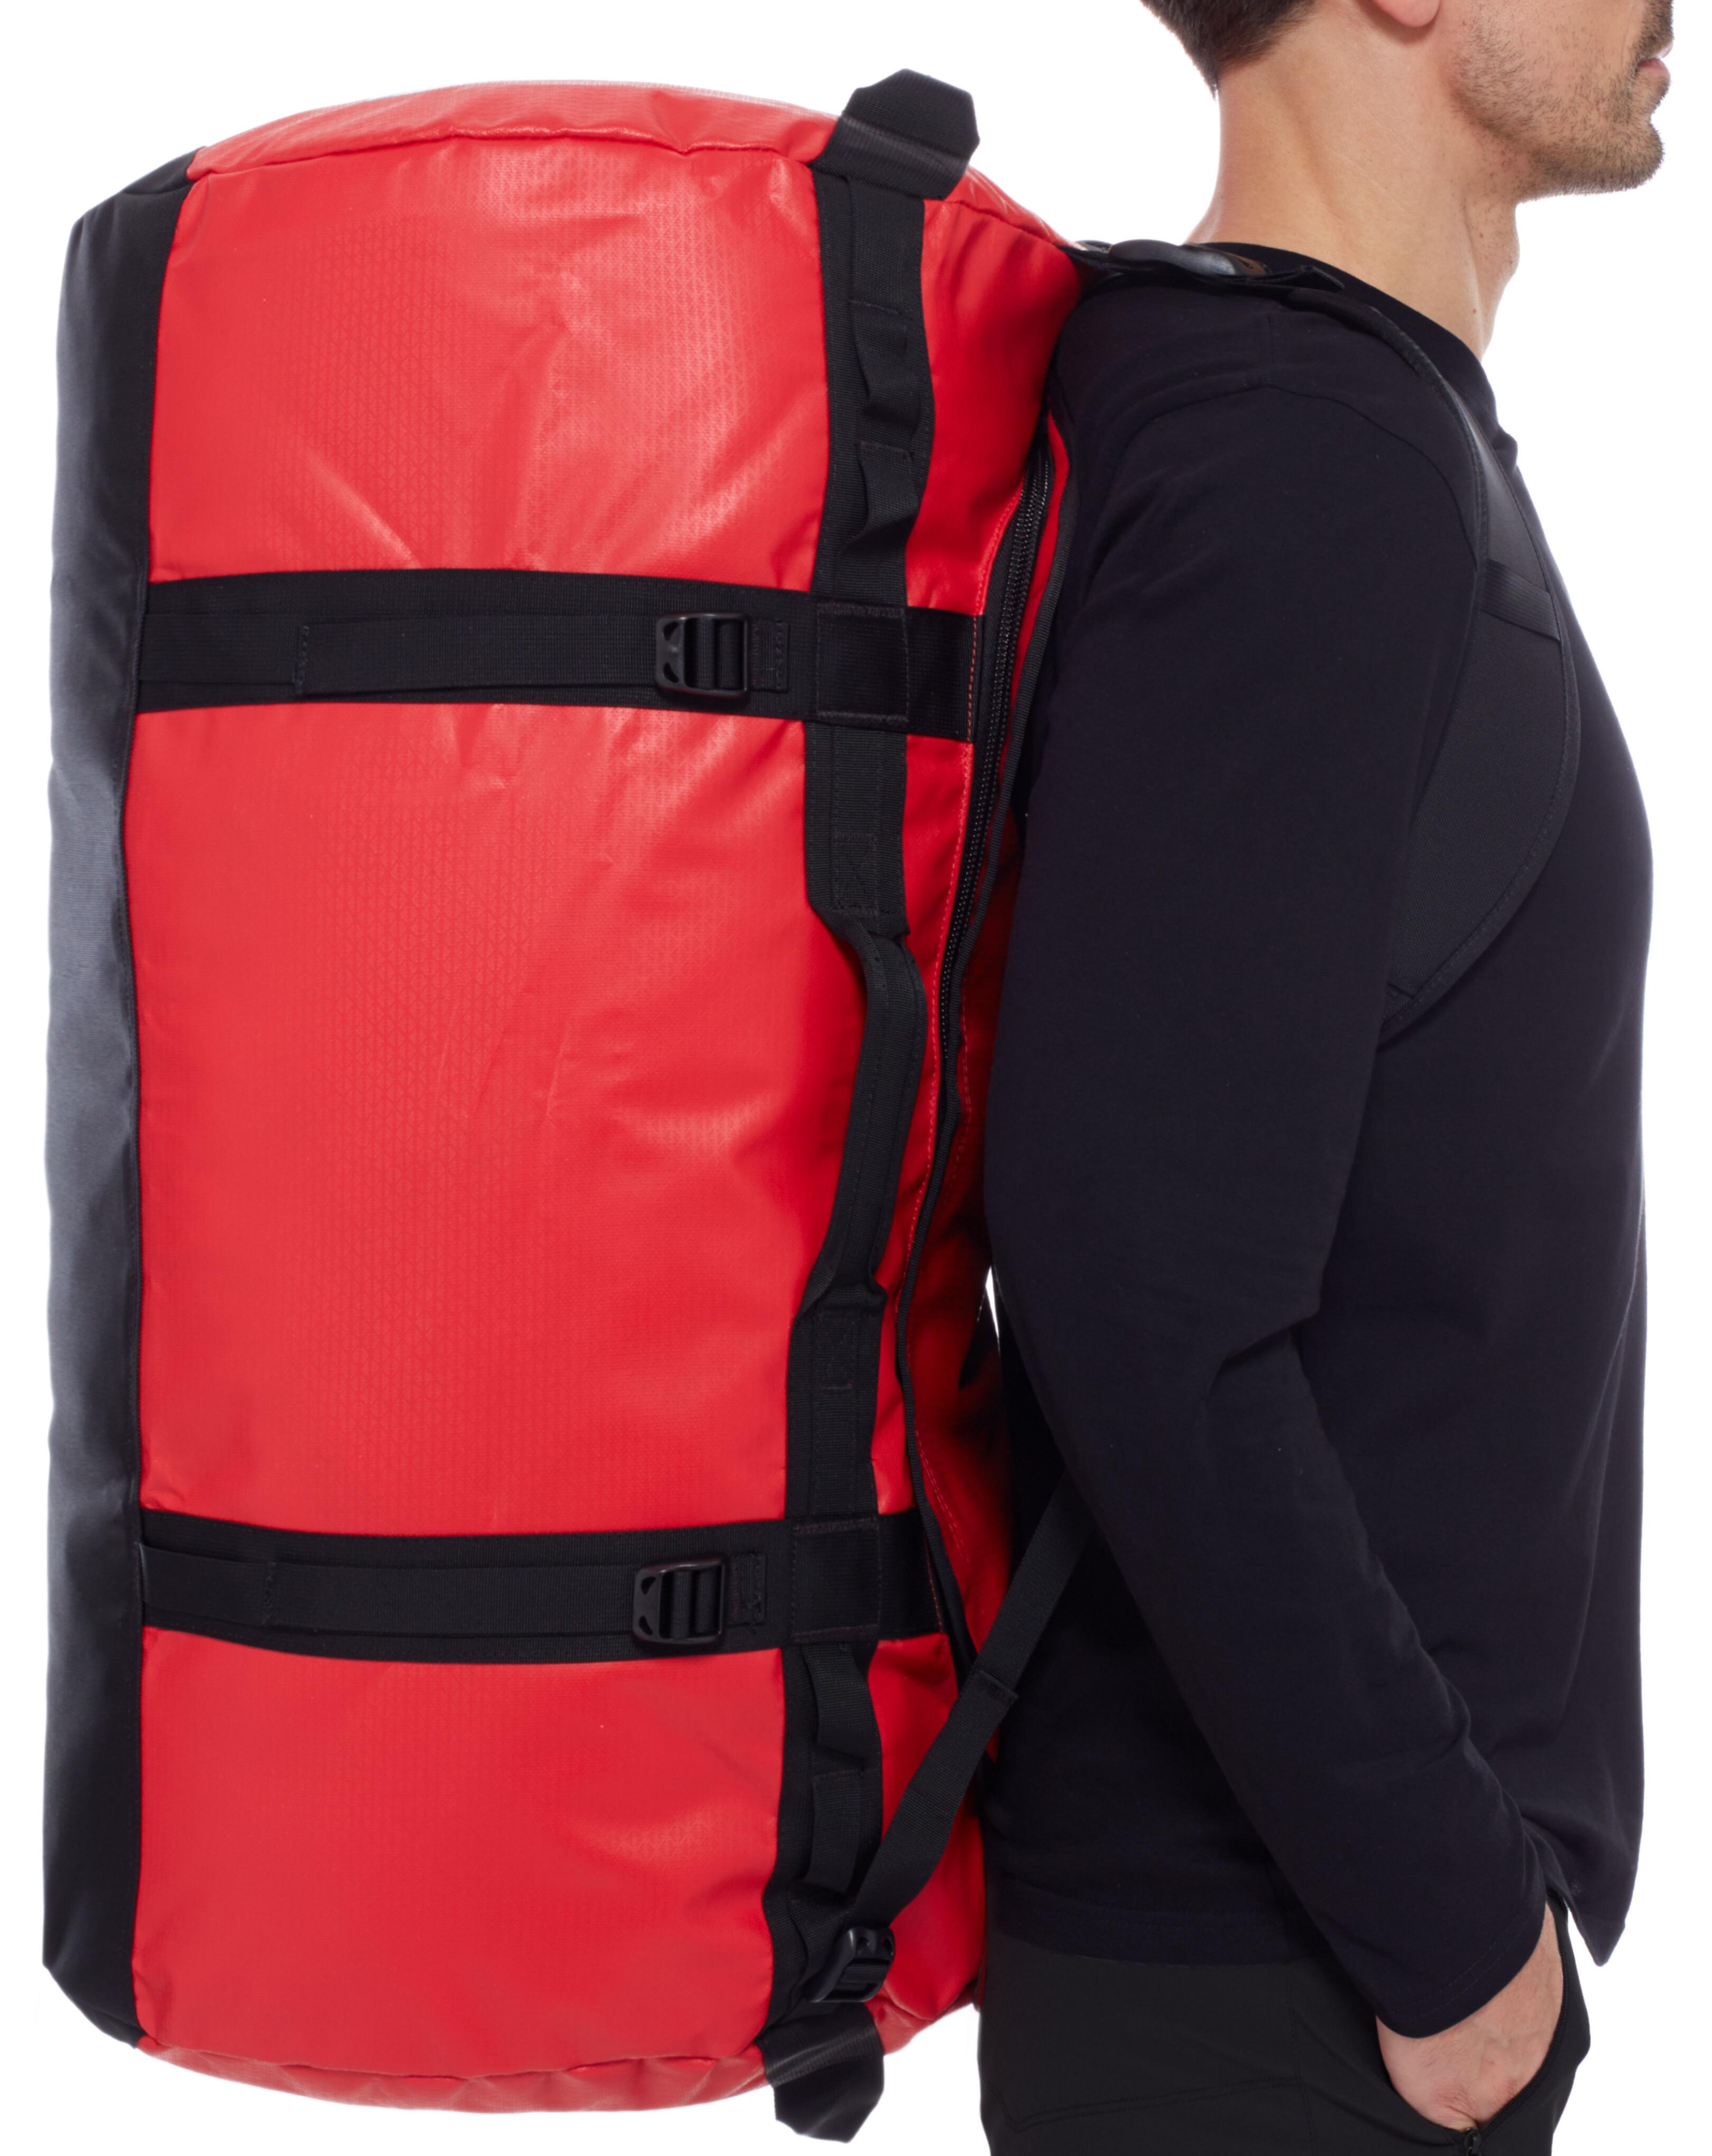 6338067d2d6899 The North Face Base Camp - Sac de voyage - XL rouge